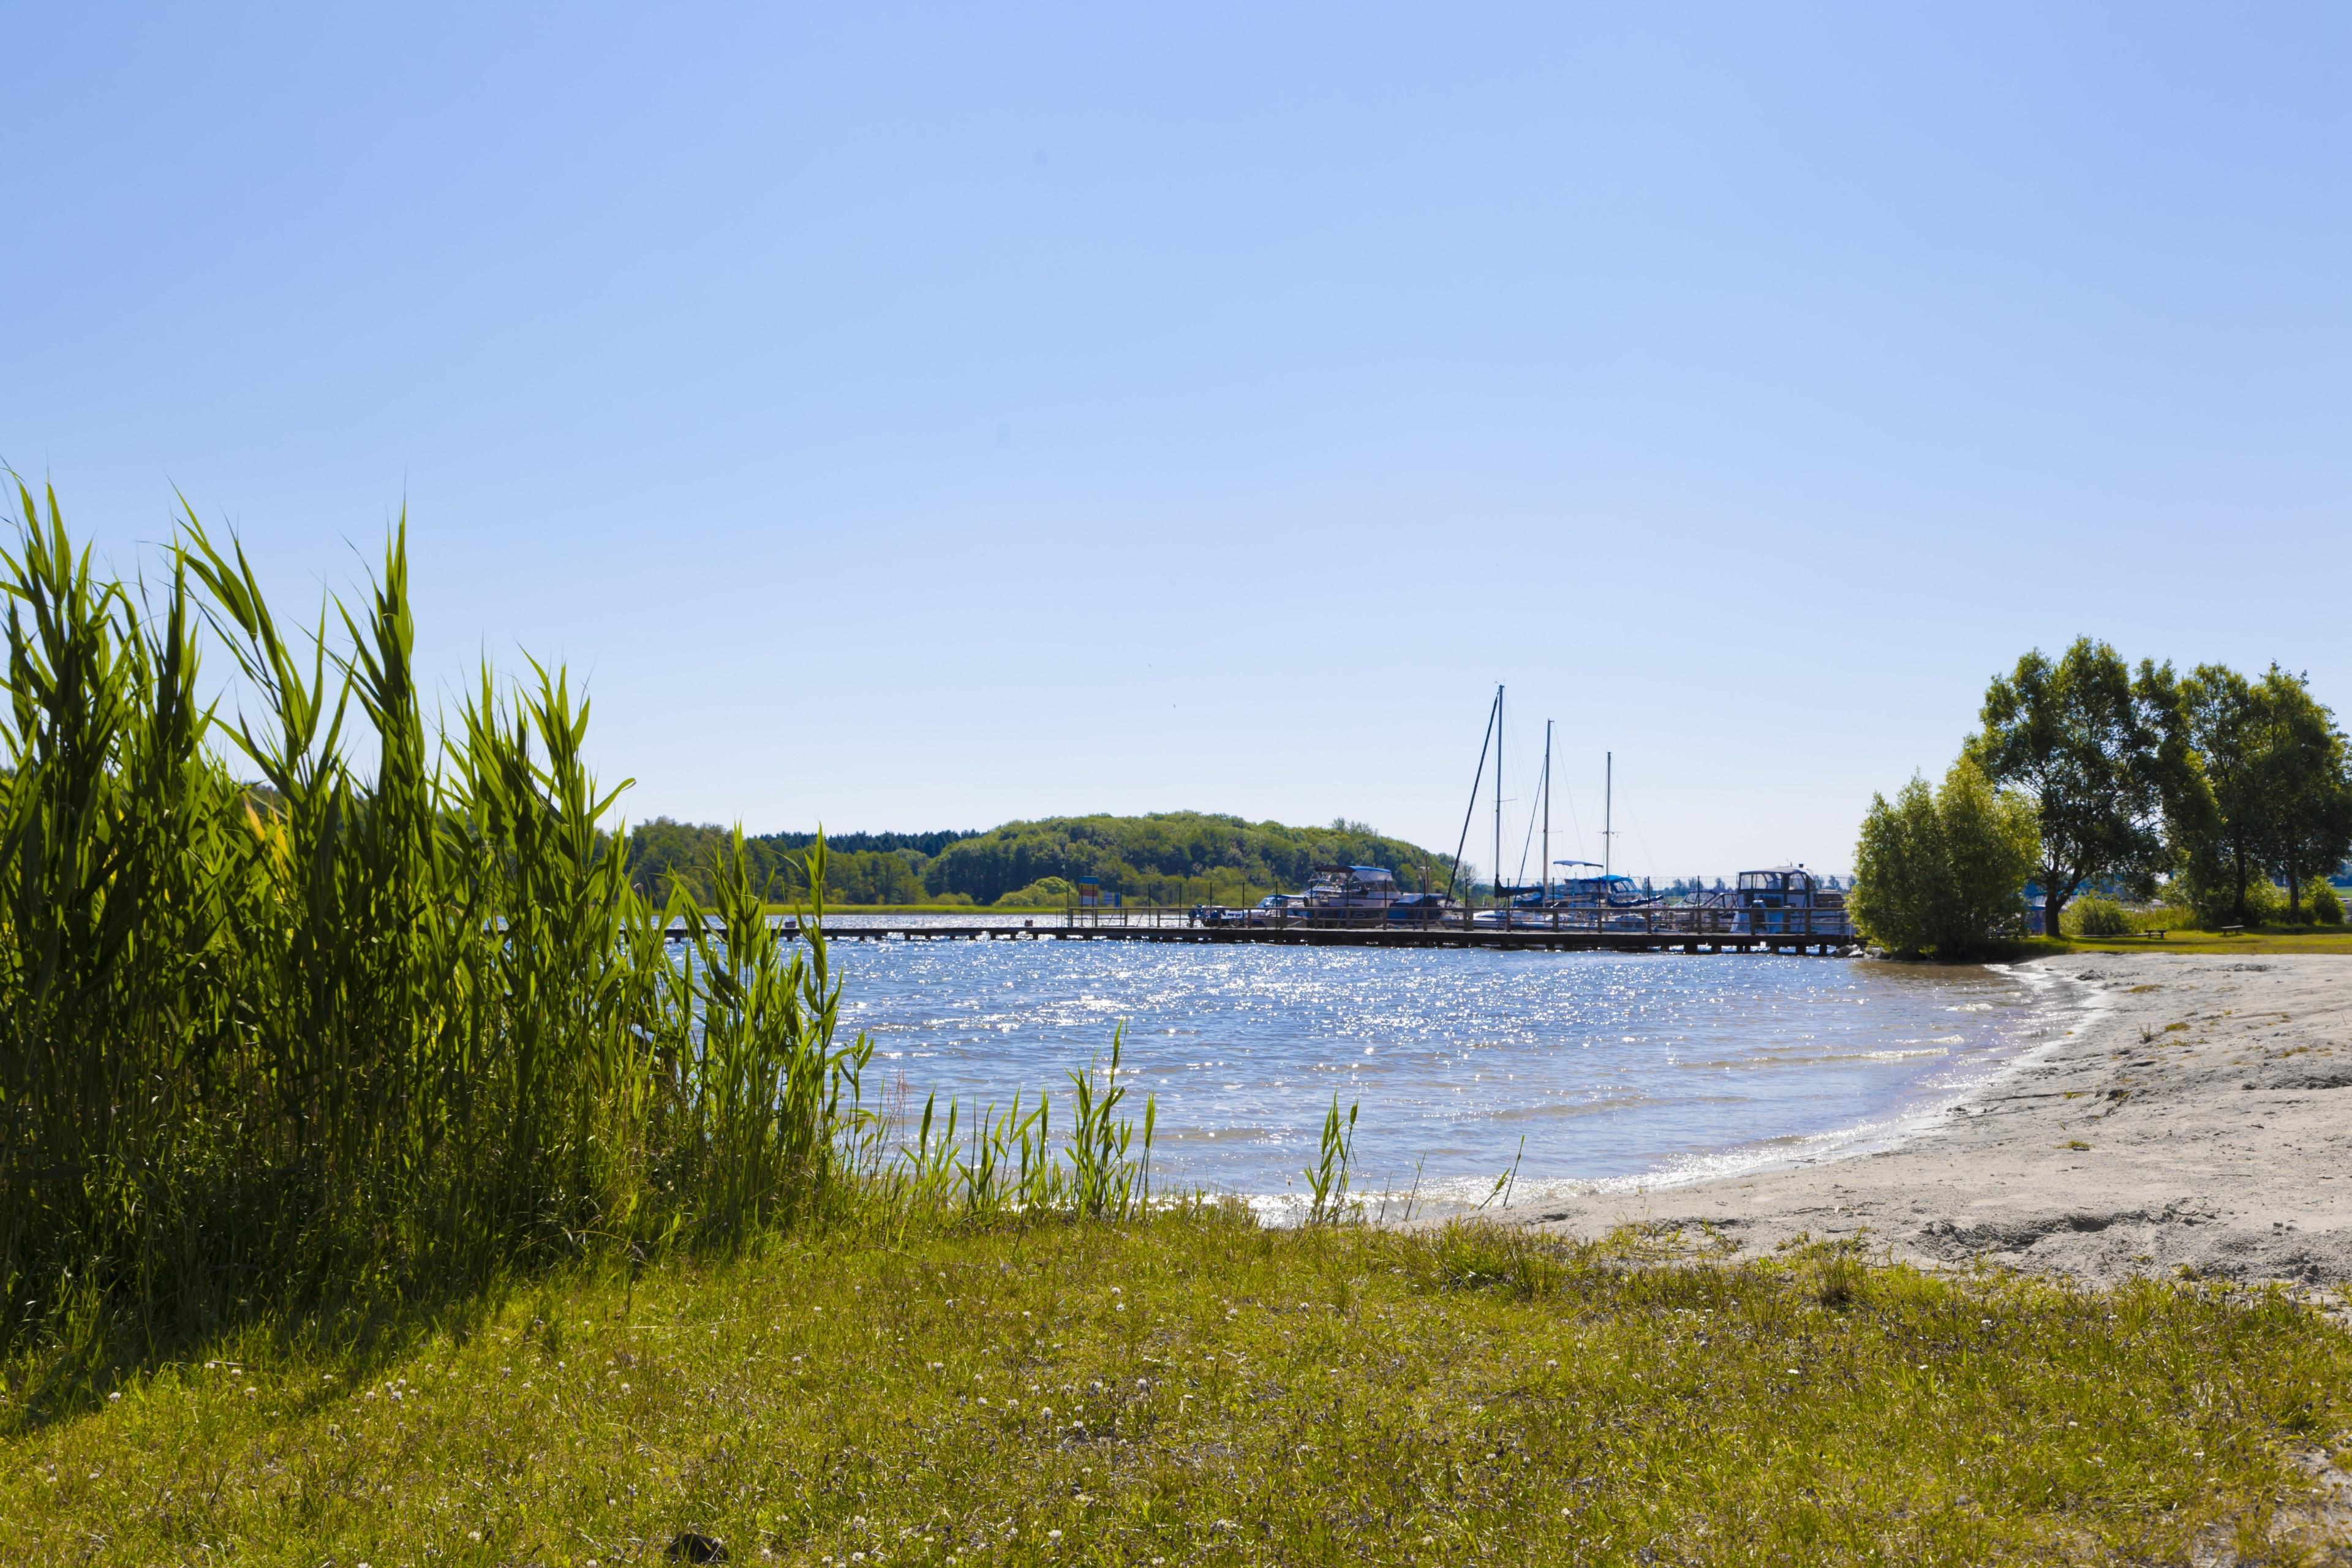 Malchow, Mecklenburg-West Pomerania, Germany